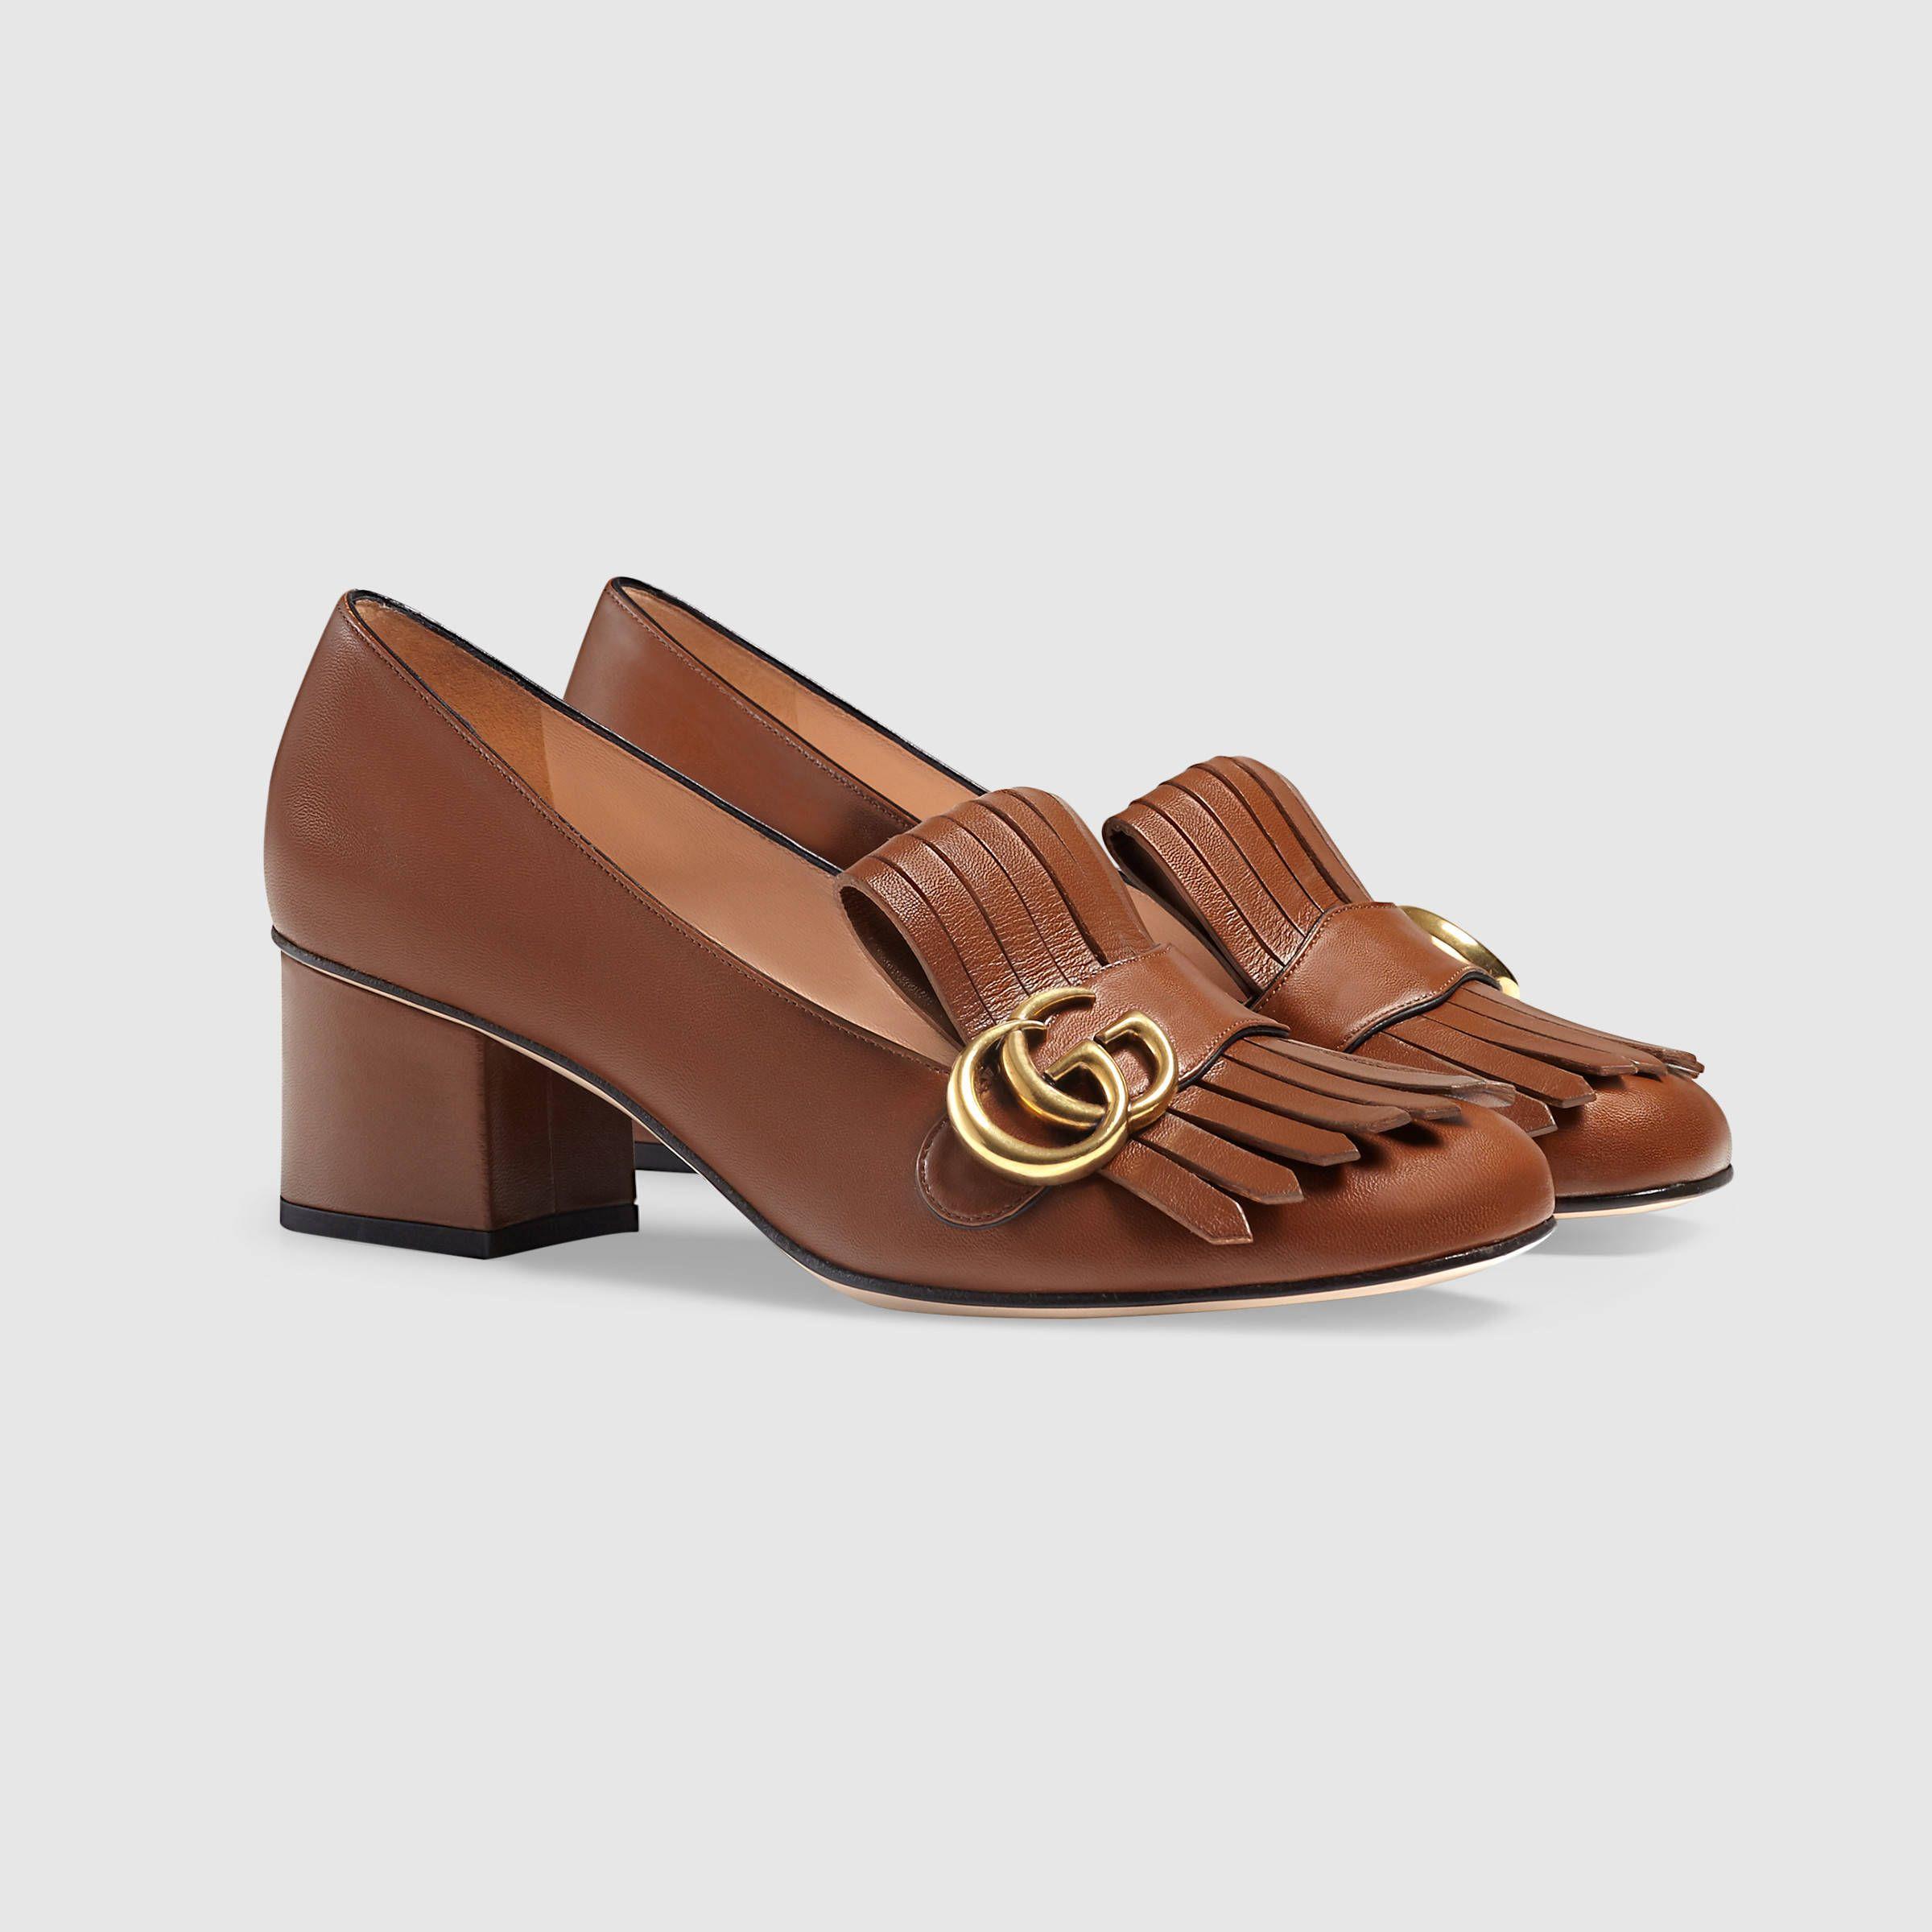 aldo shoes dominio